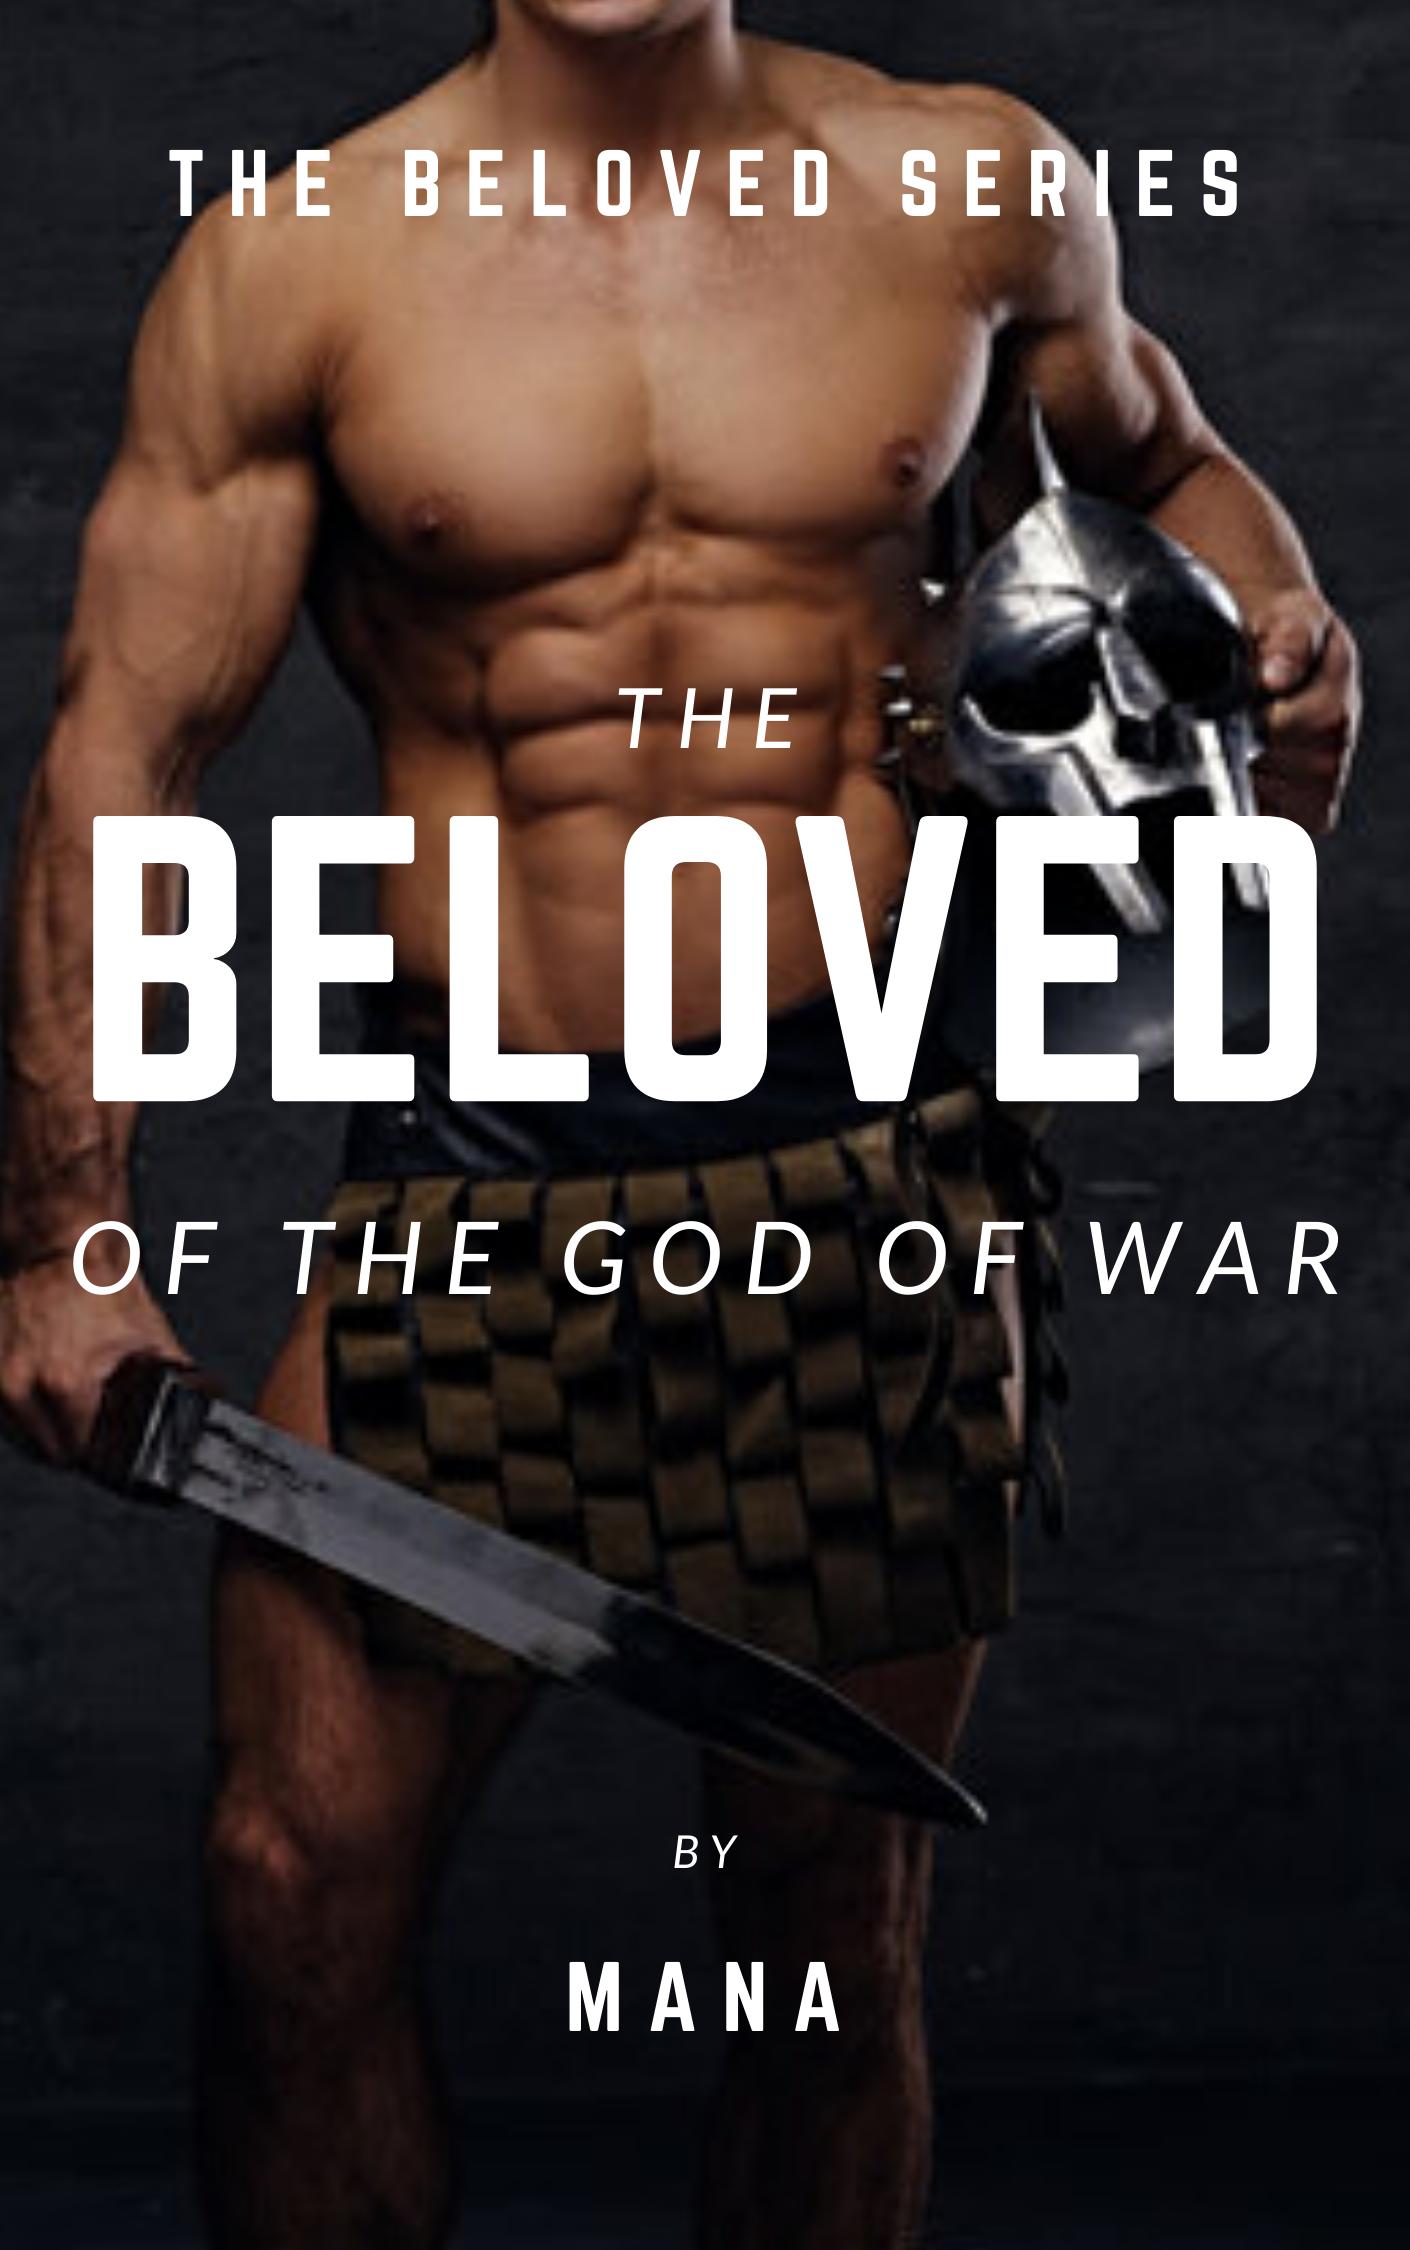 The Beloved of the God of War